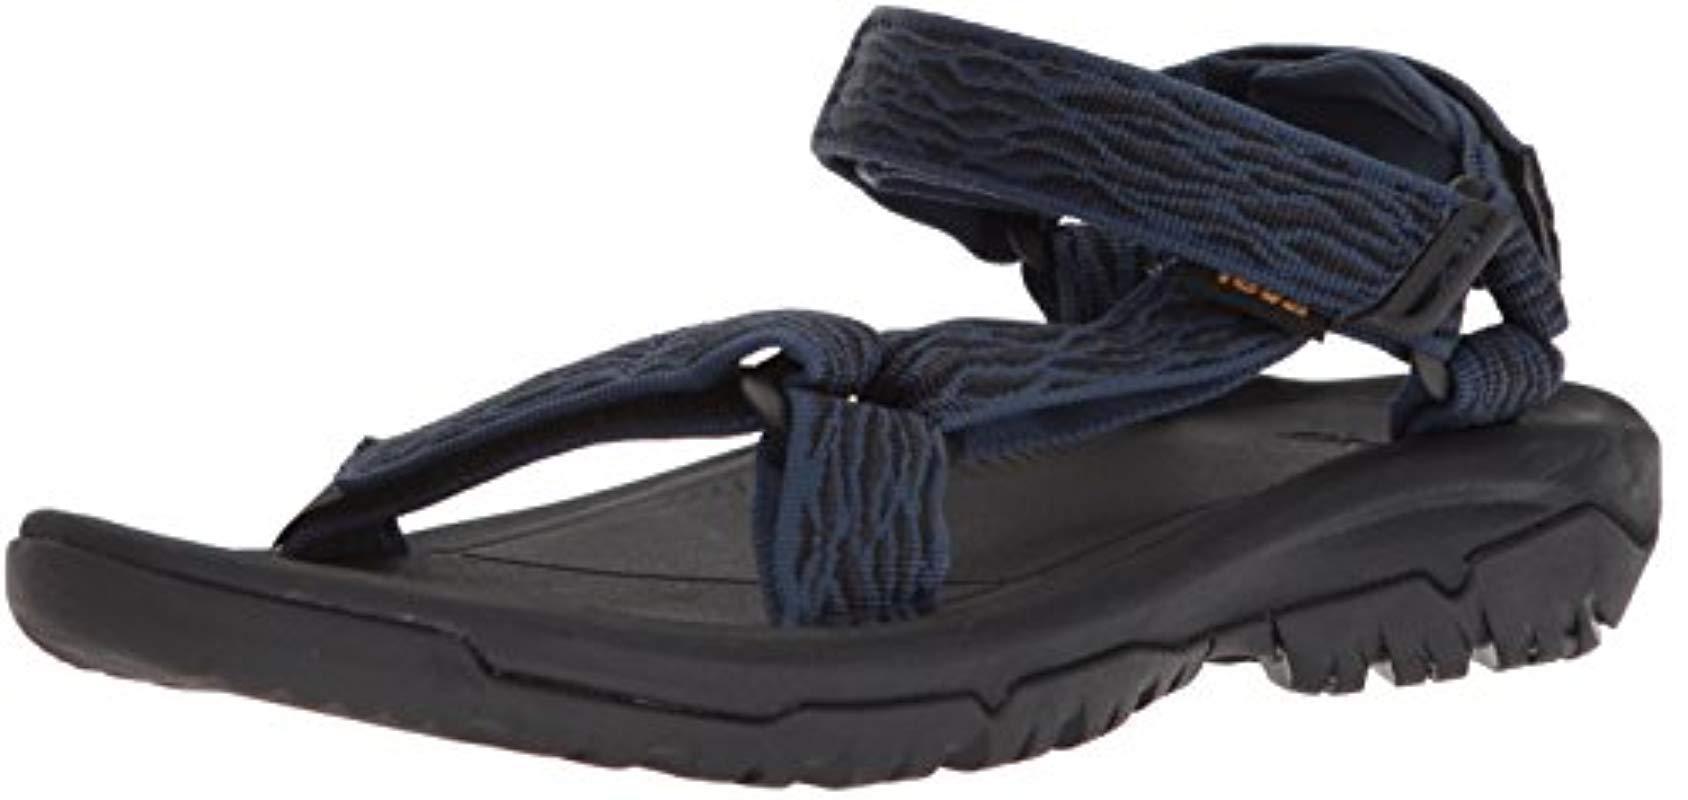 fd3c66f15 Teva Hurricane Xlt2 M s Ankle Strap Sandals in Blue for Men - Lyst